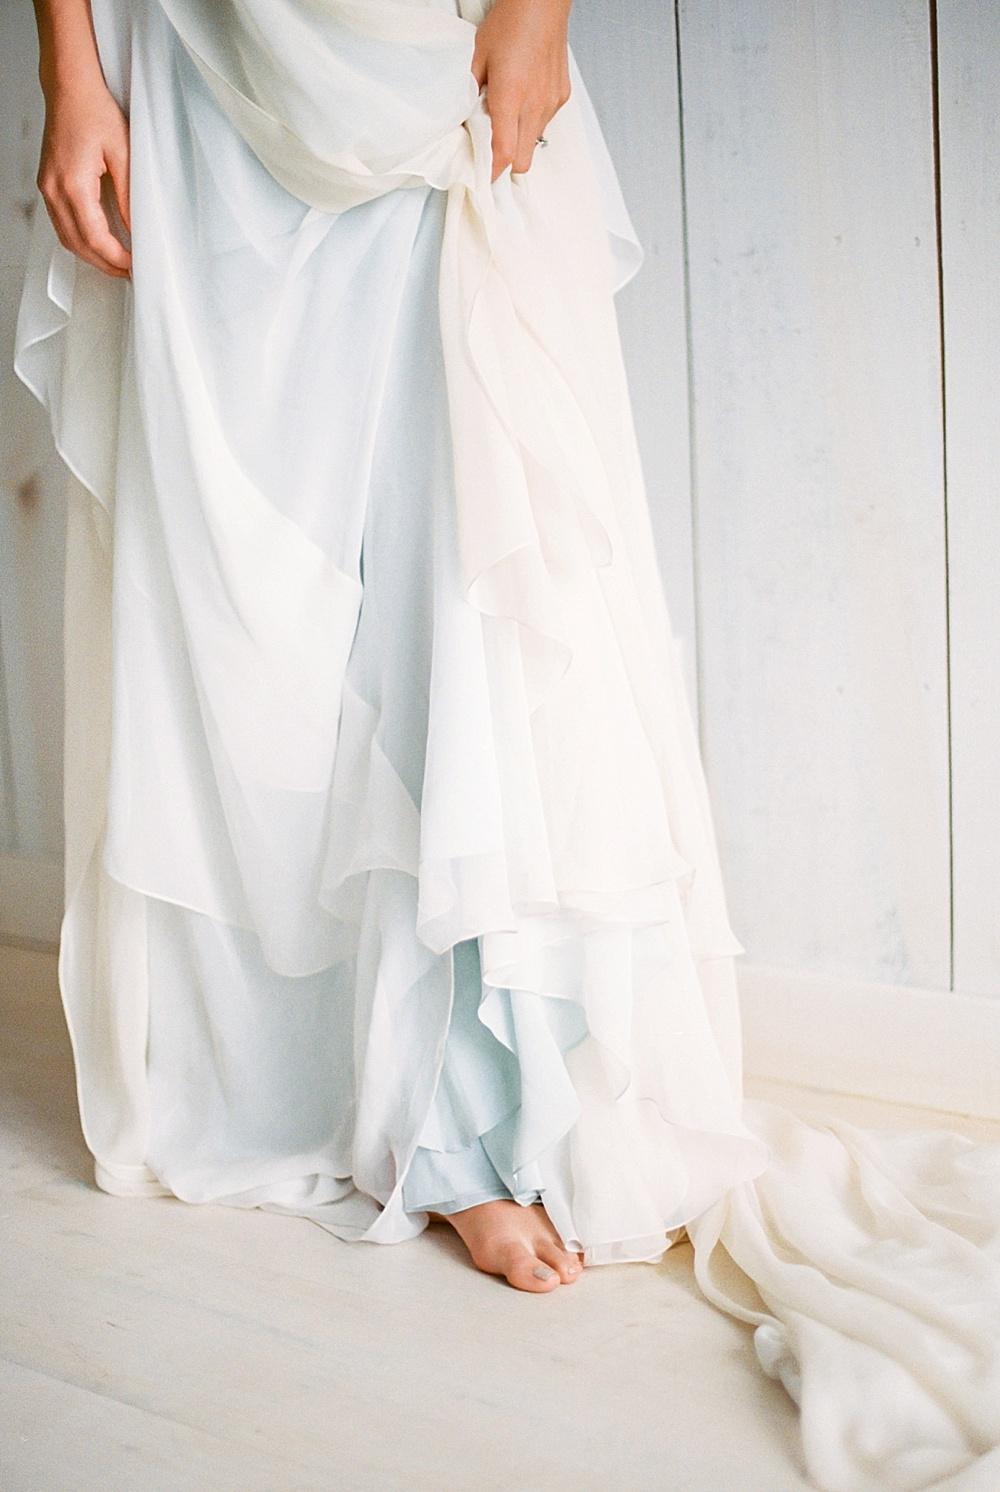 Callie Manion Photography_0062.jpg